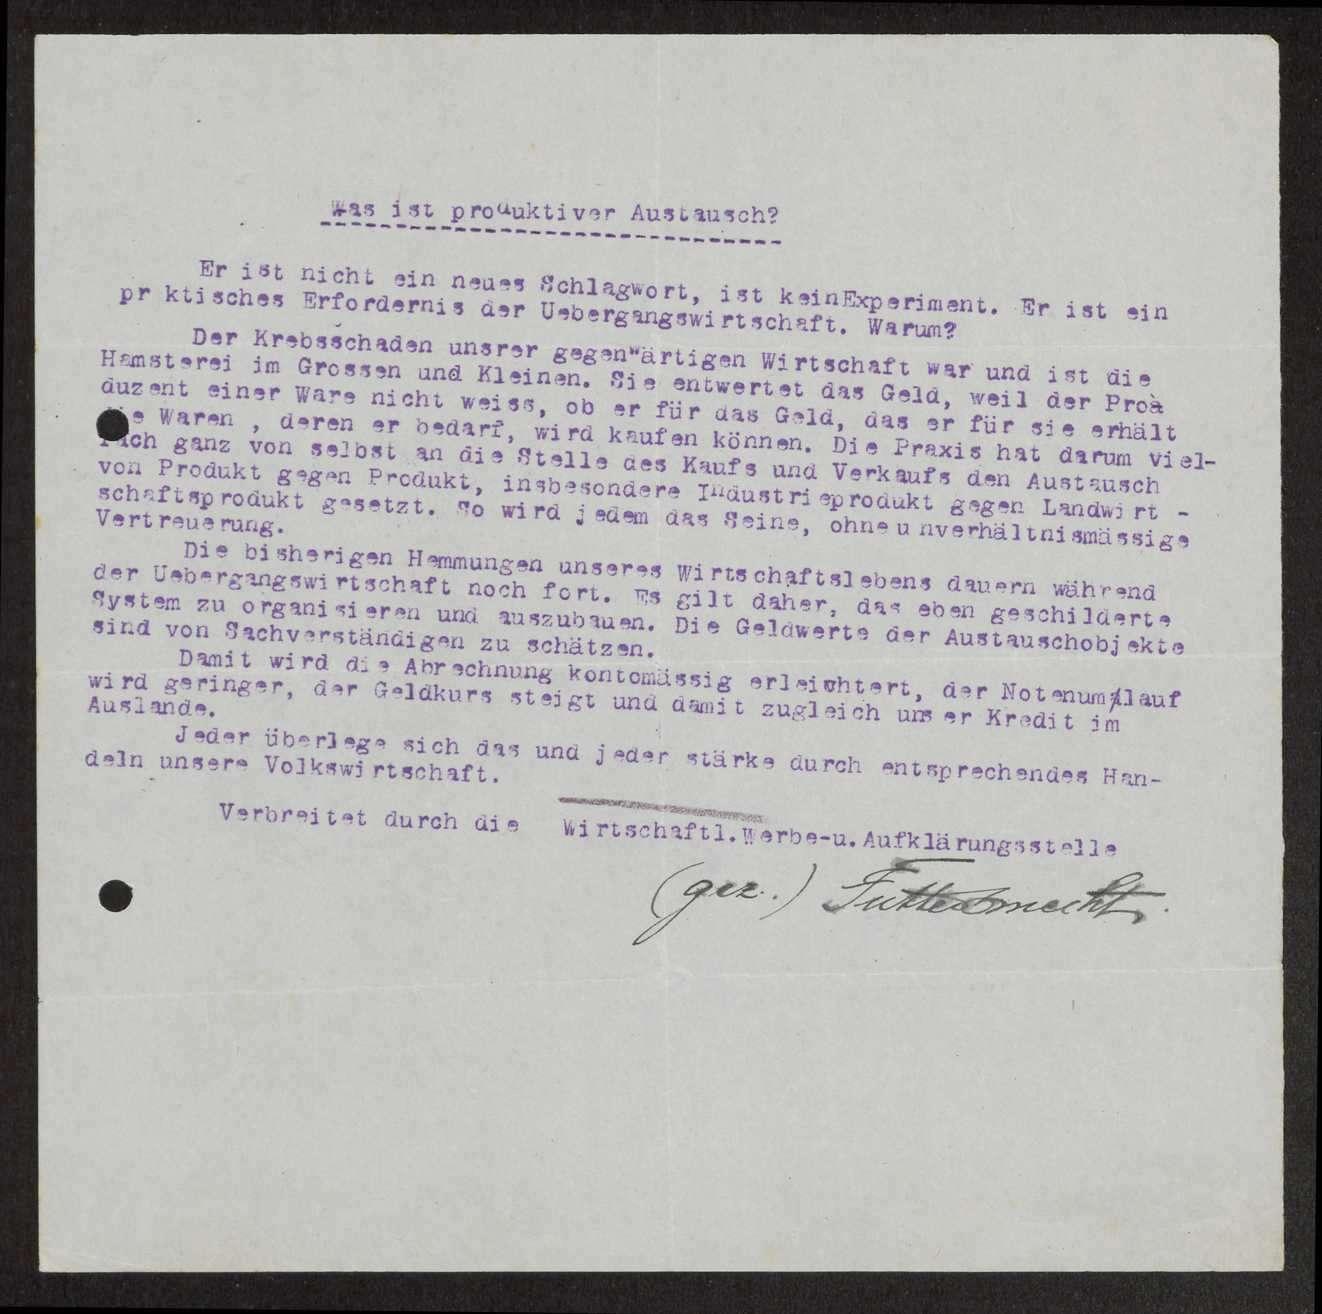 Herausgabe, Übersendung von Flugblättern an den Garnisonrat, Bild 3